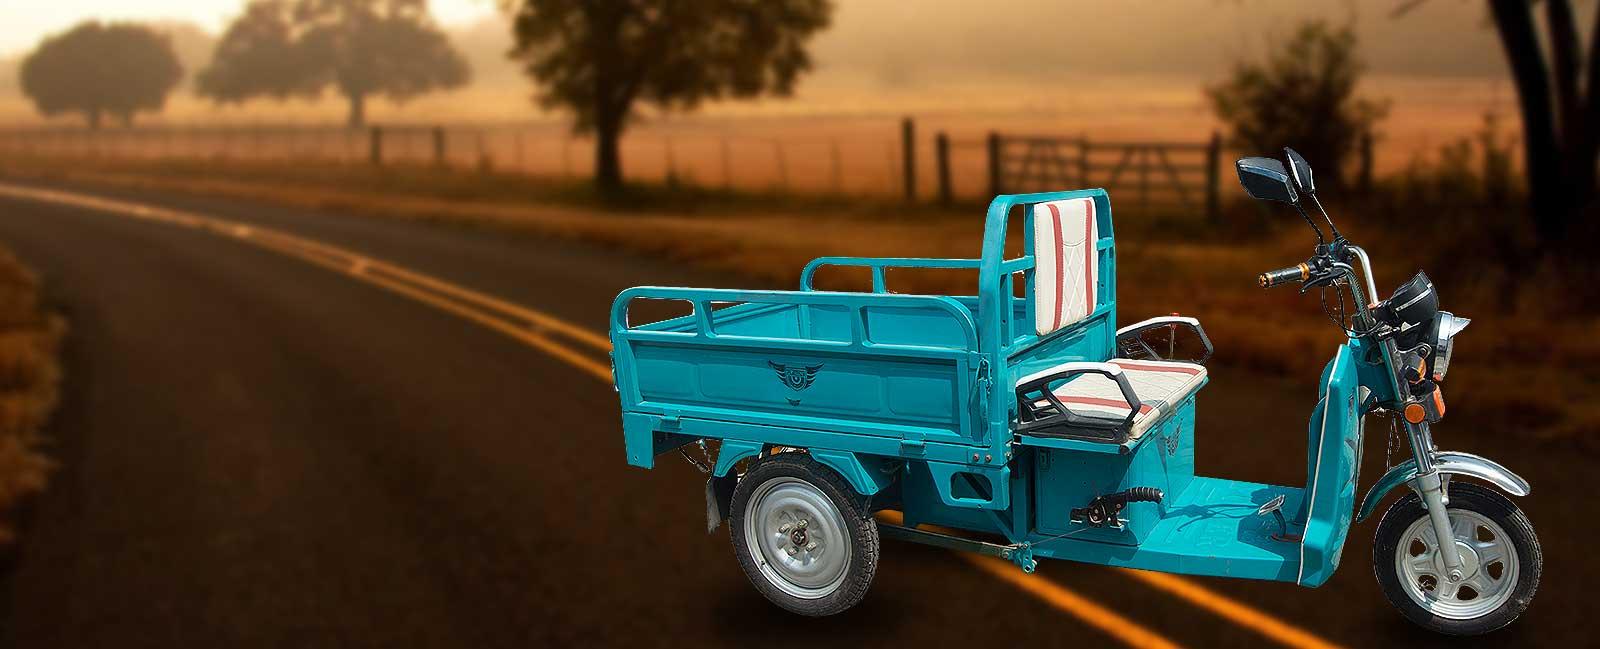 Plaudit <span>E Cargo Rickshaw</span>